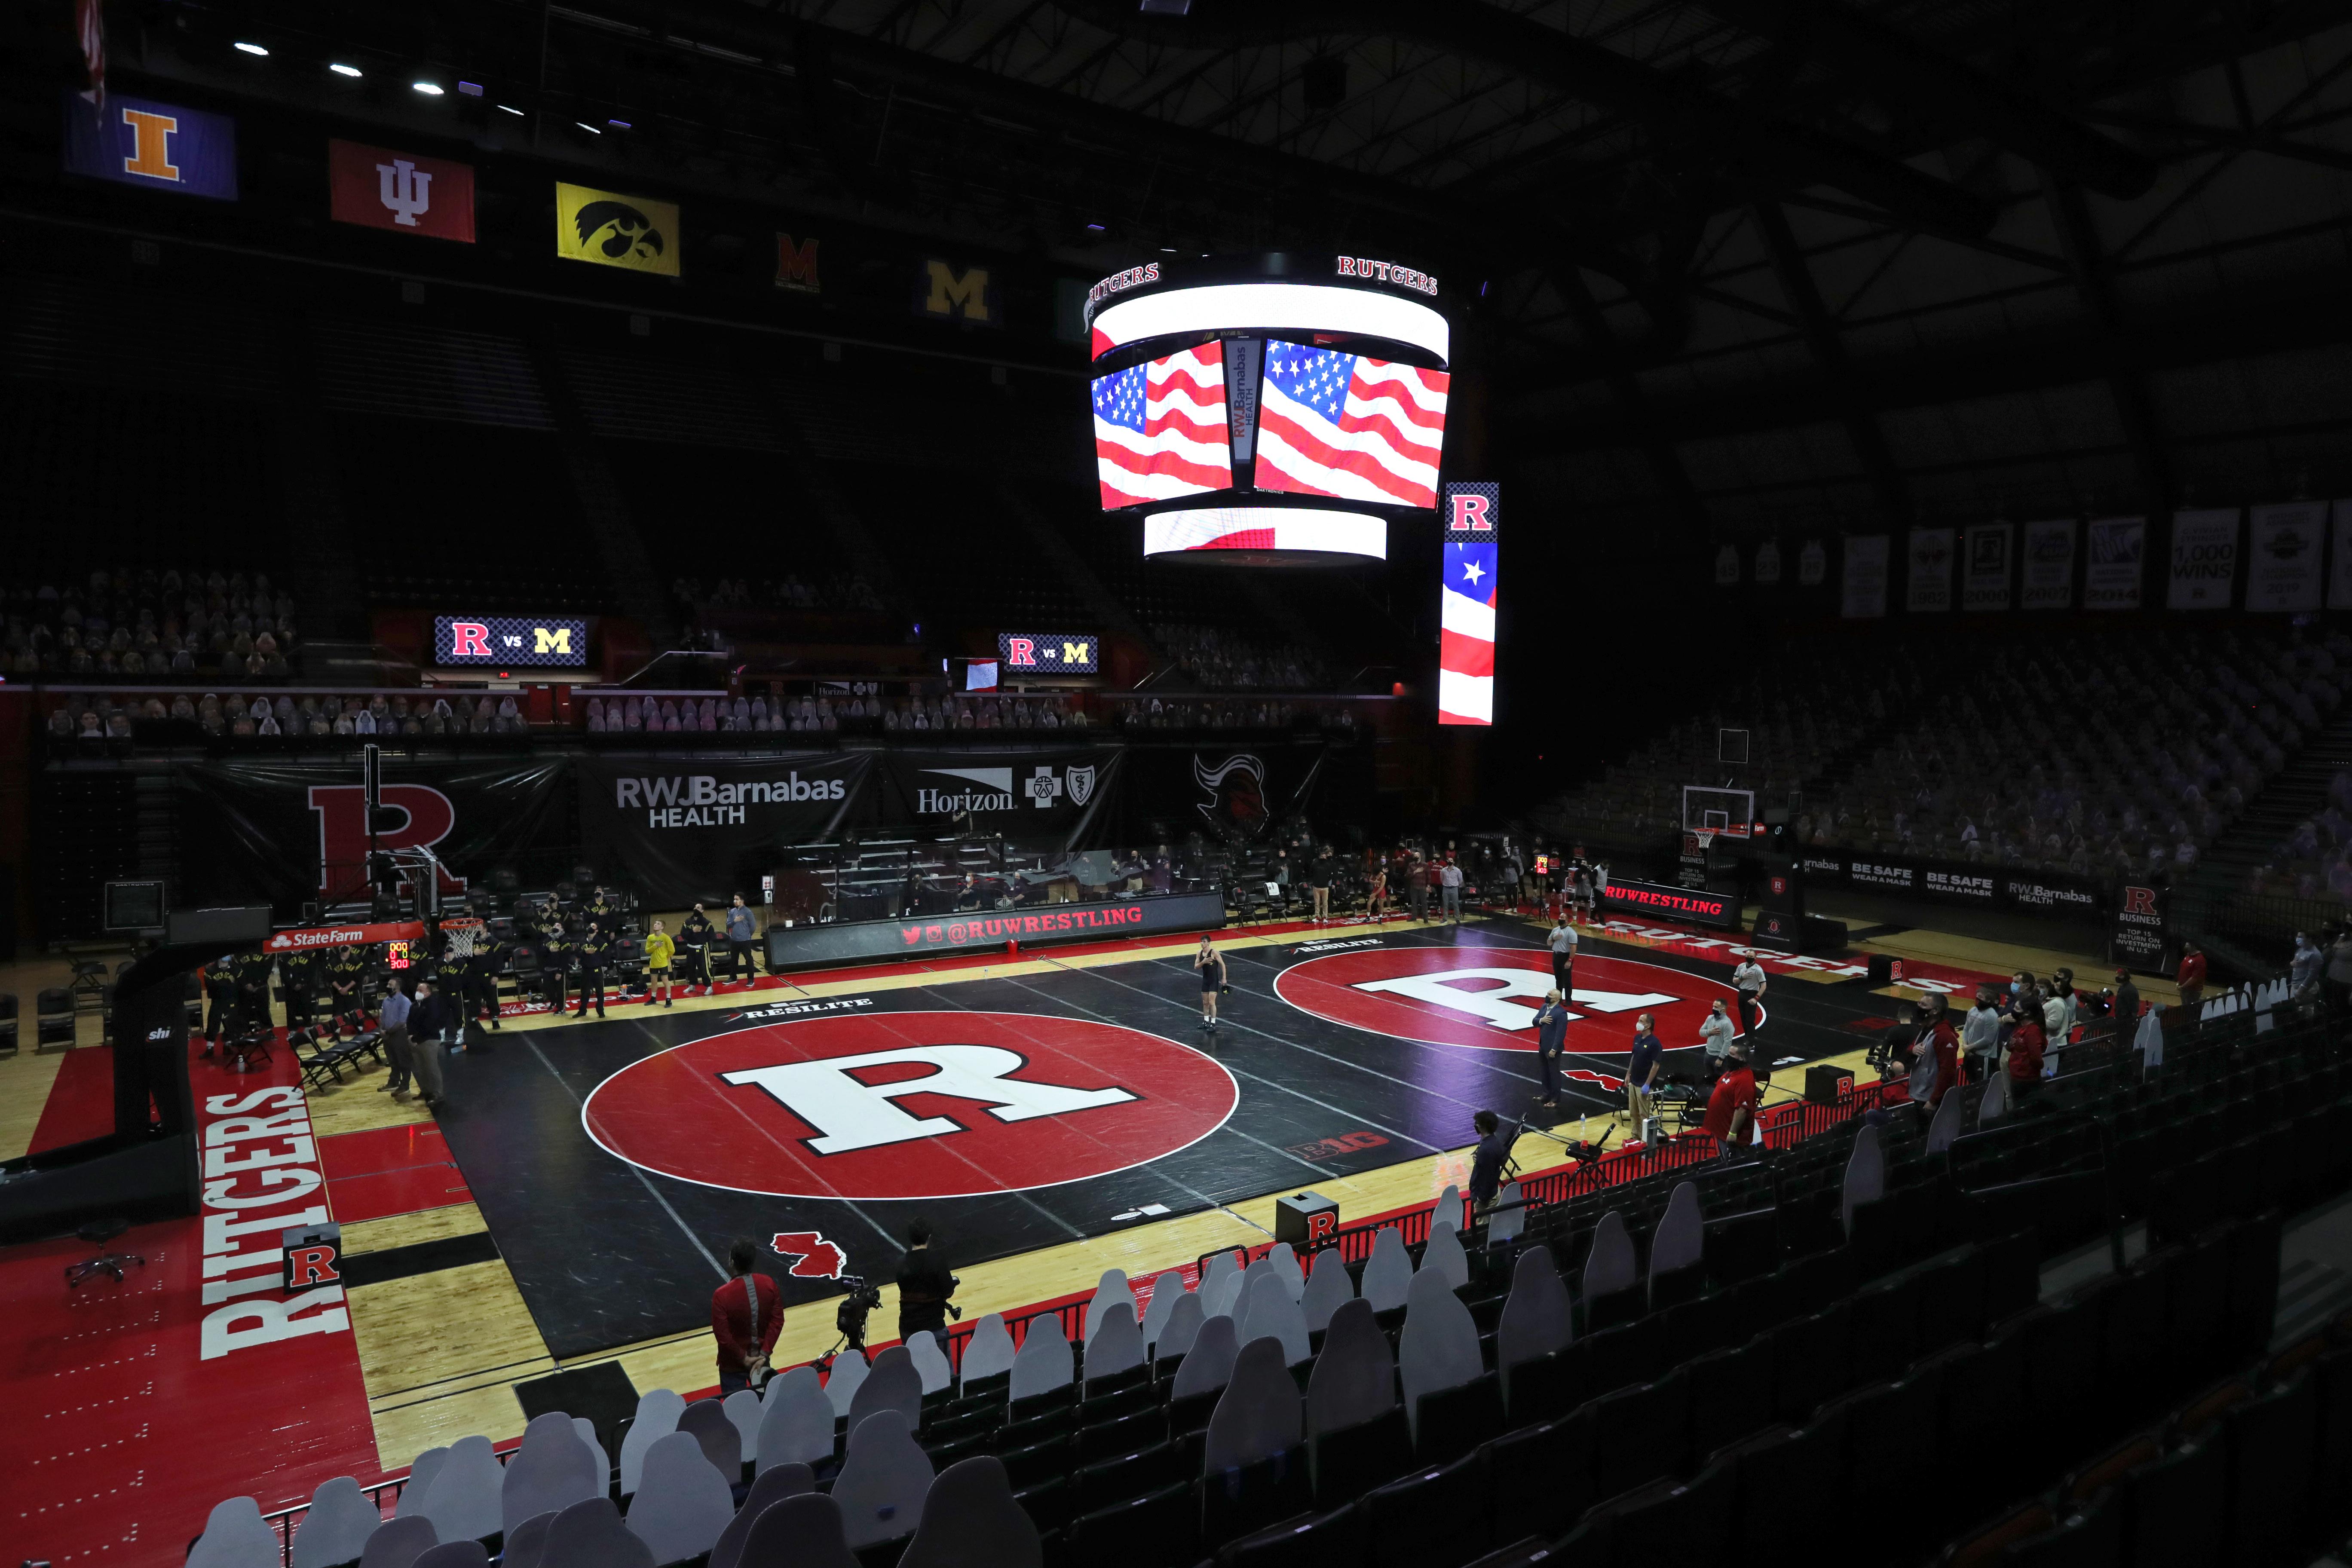 Michigan v Rutgers